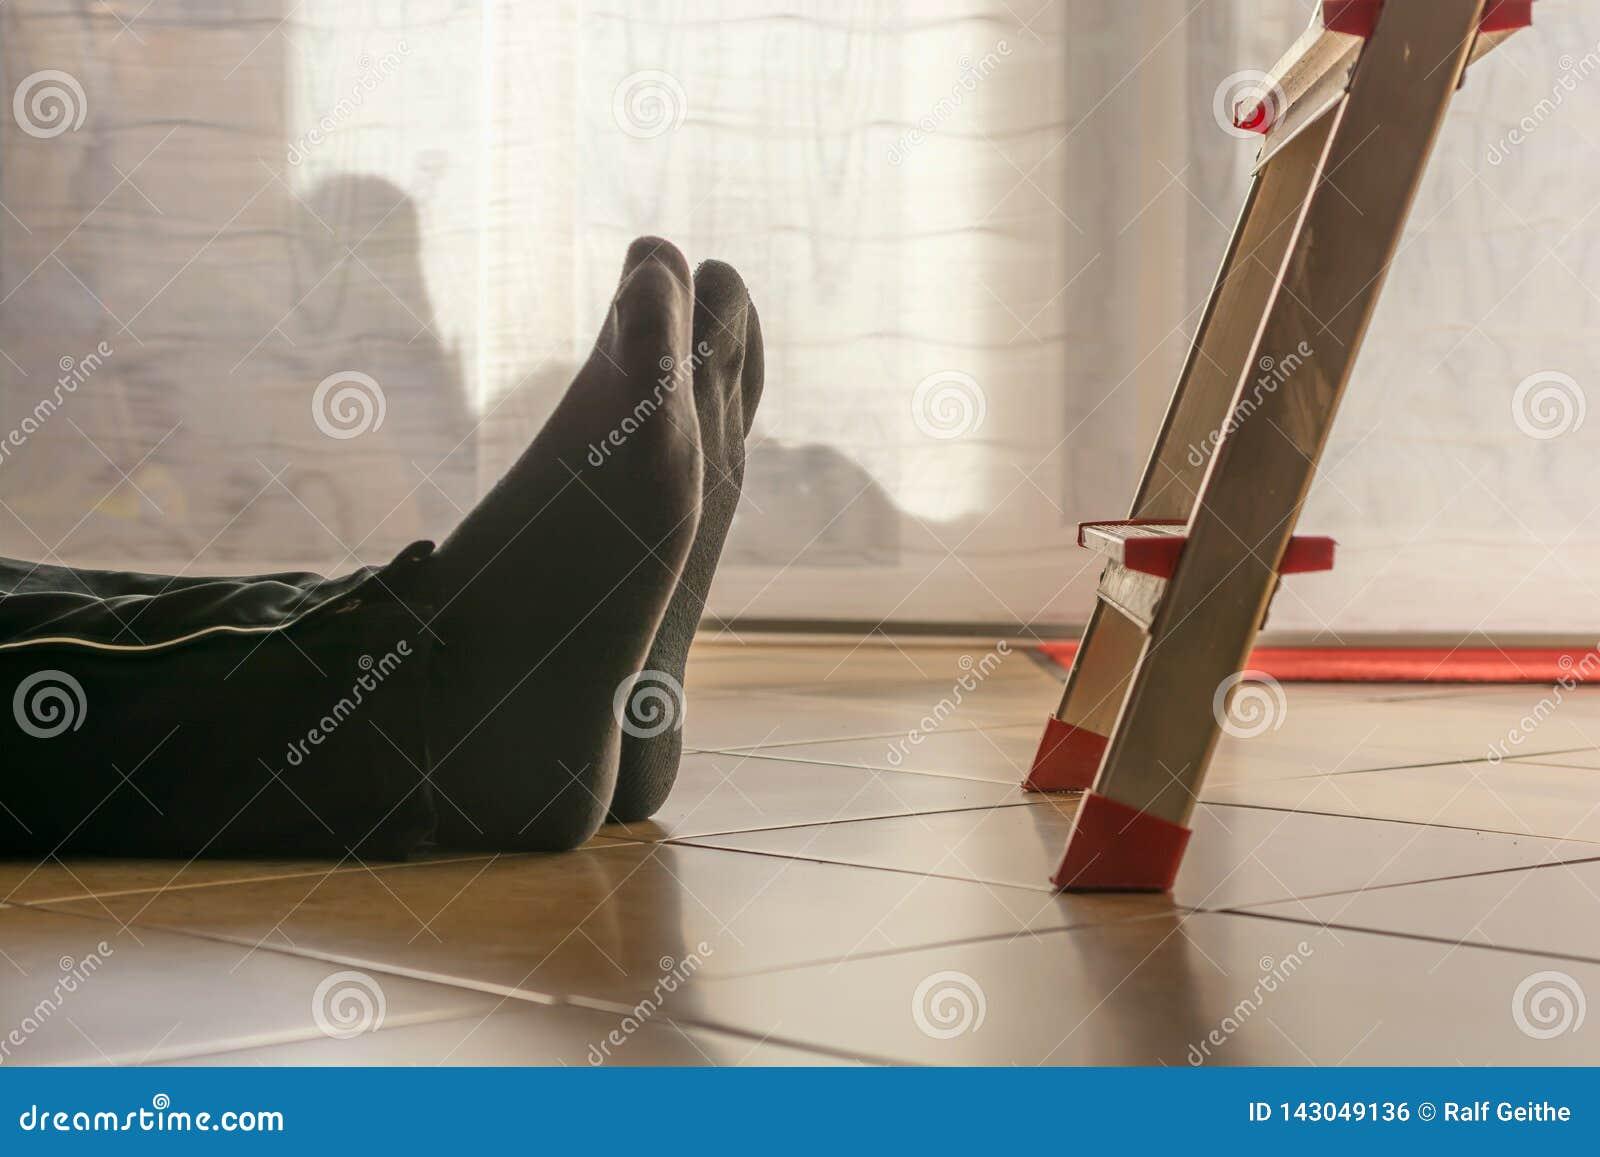 Unfall im Haushalt mit einem Mann fallen gelassen durch die Leiter